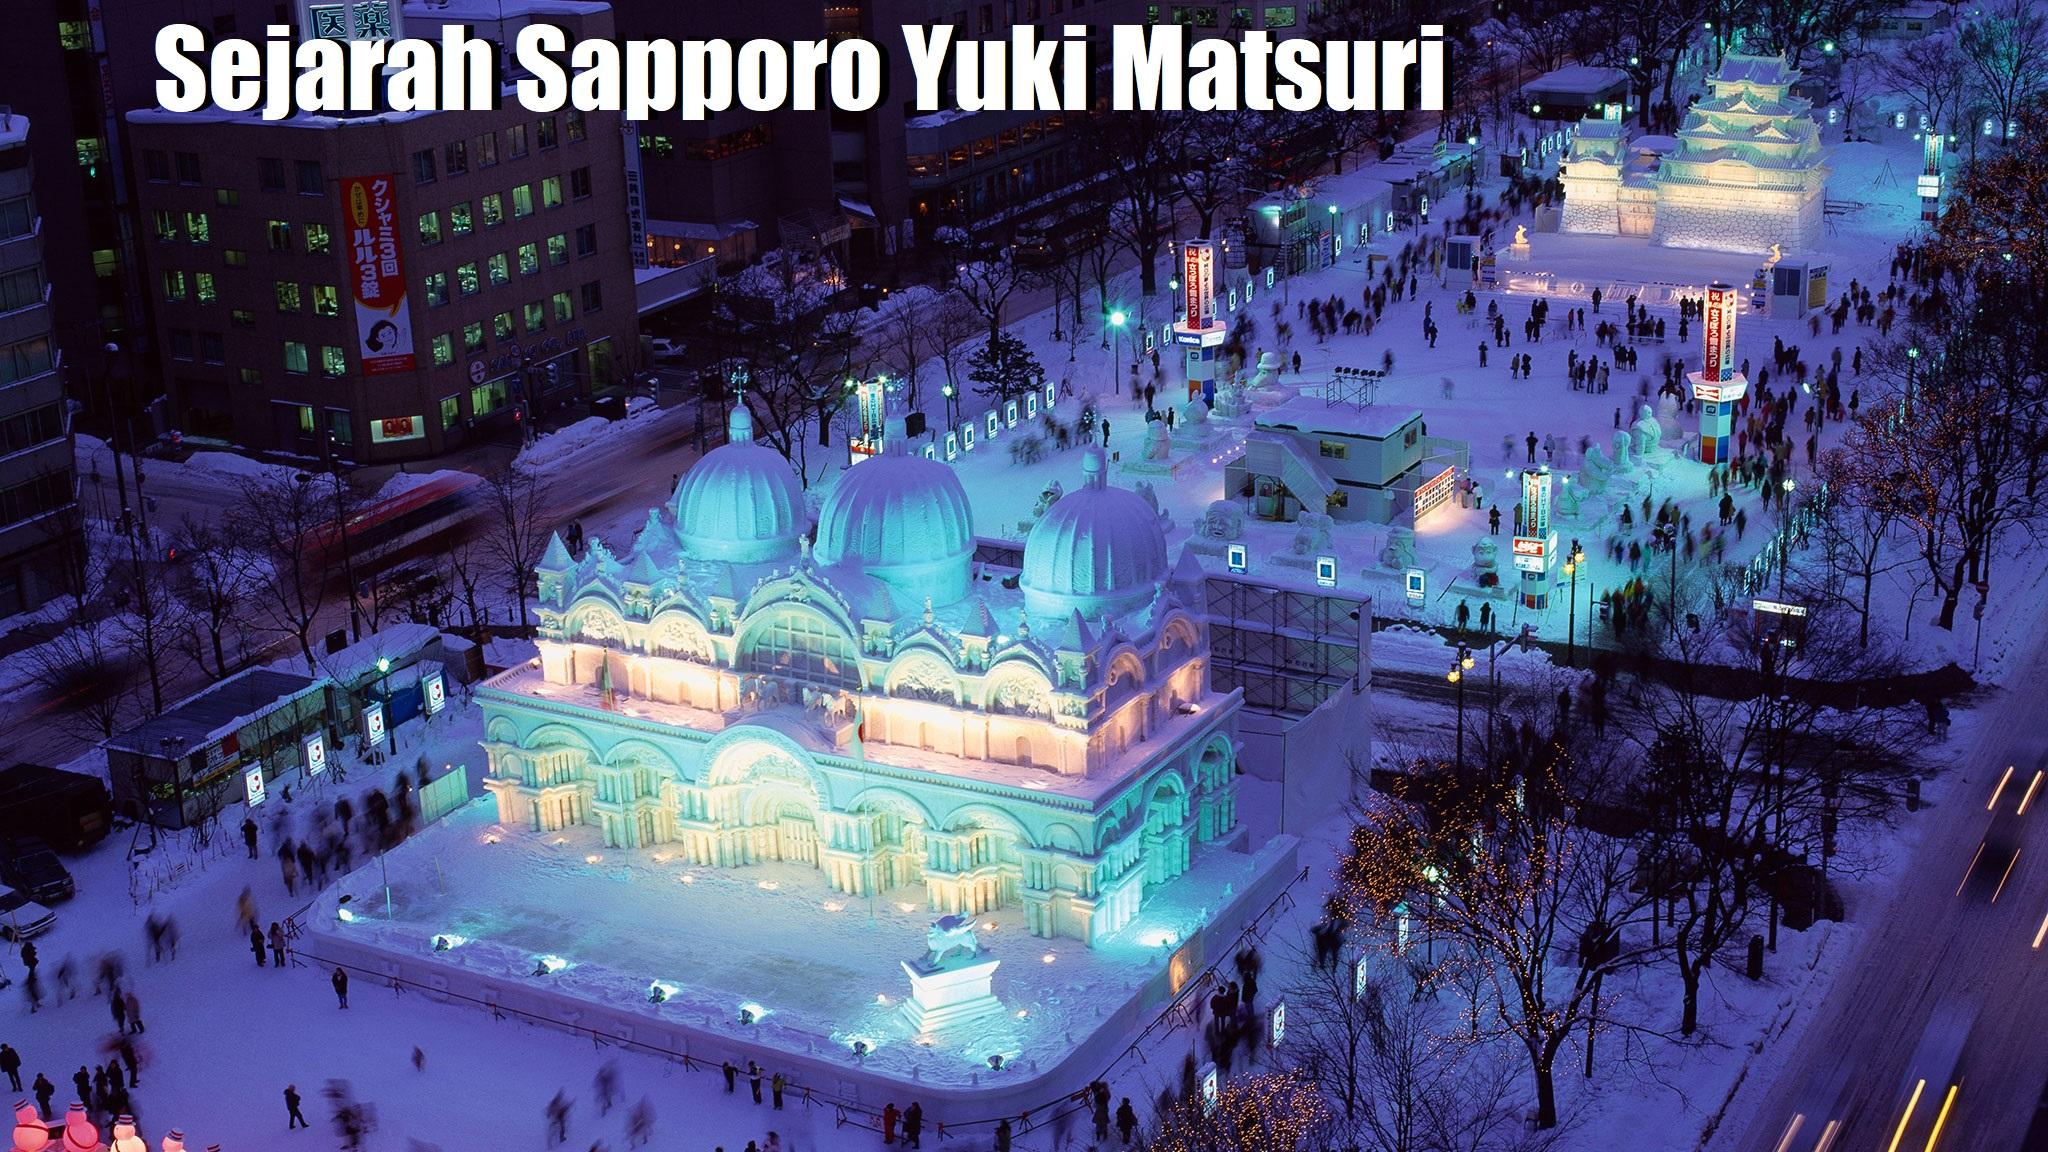 Sejarah Sapporo Yuki Matsuri